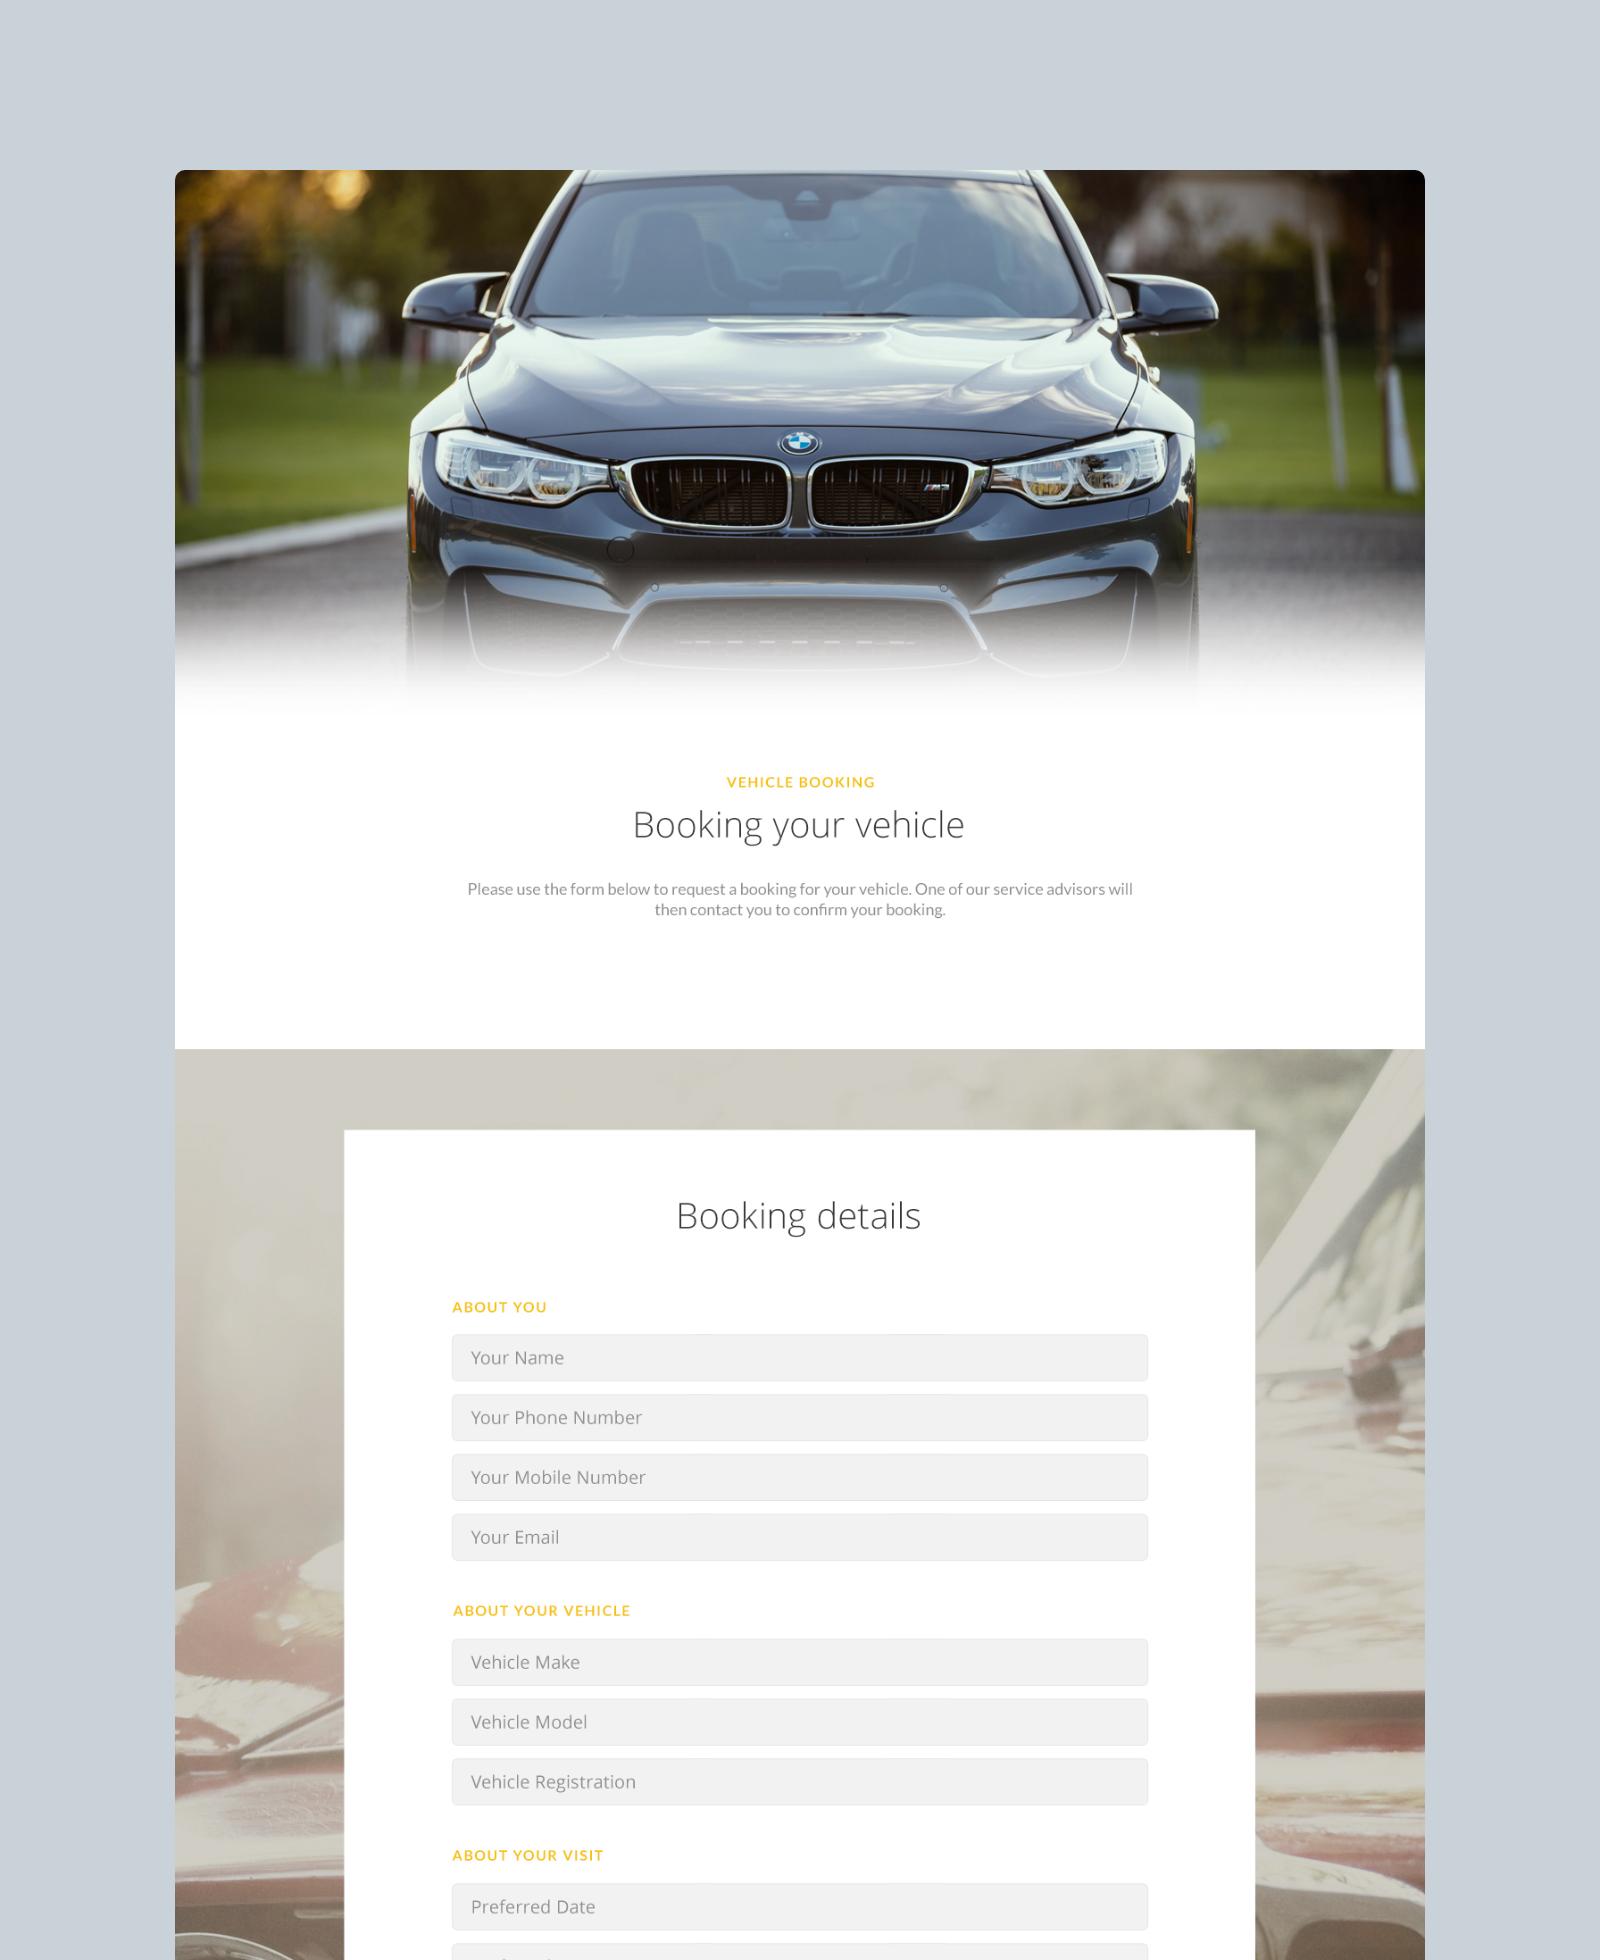 Car Care of Kensington Membership